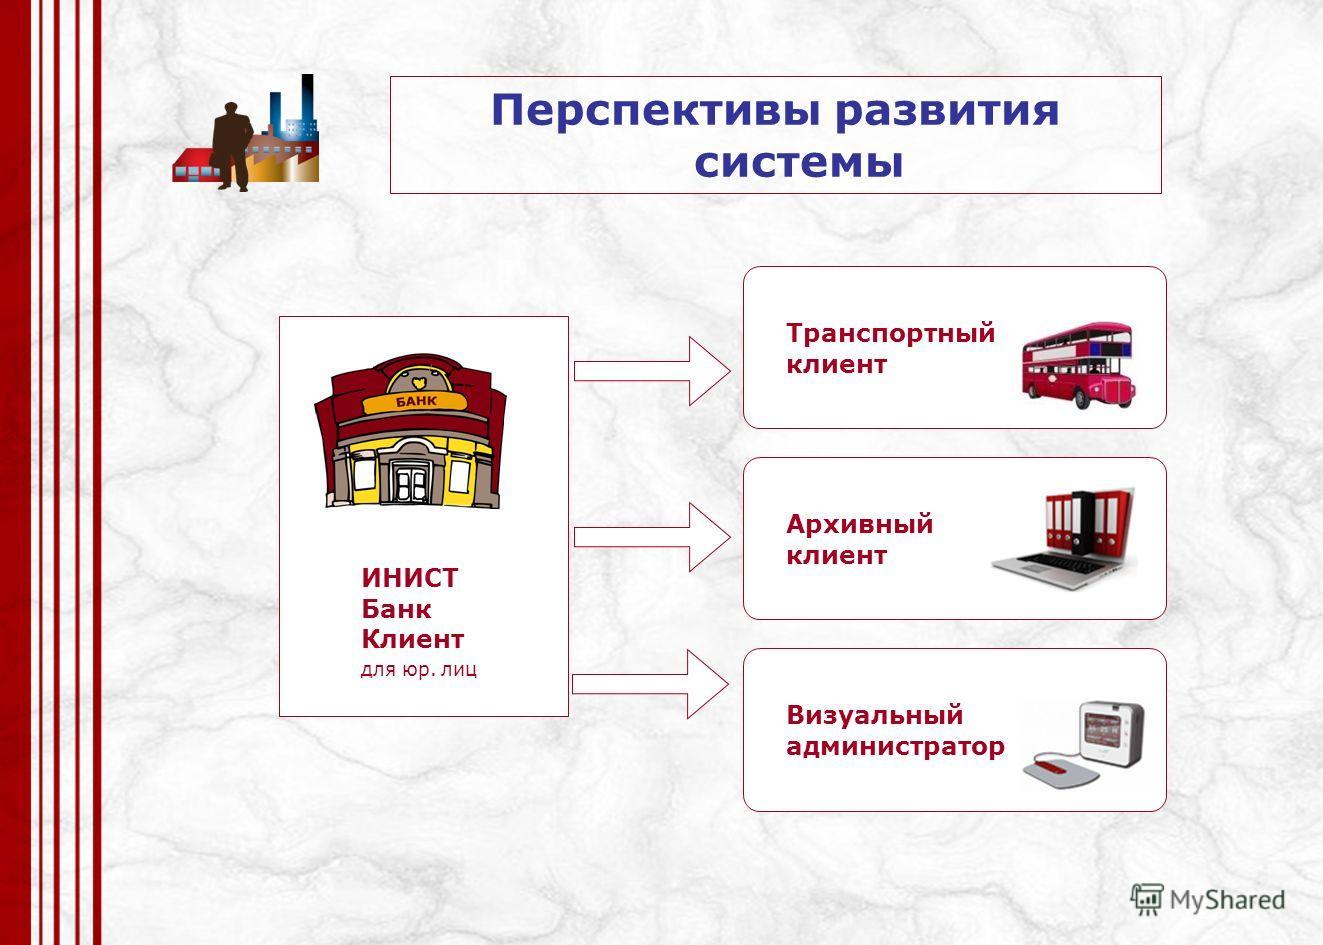 Перспективы развития системы ИНИСТ Банк Клиент для юр. лиц Транспортный клиент Архивный клиент Визуальный администратор